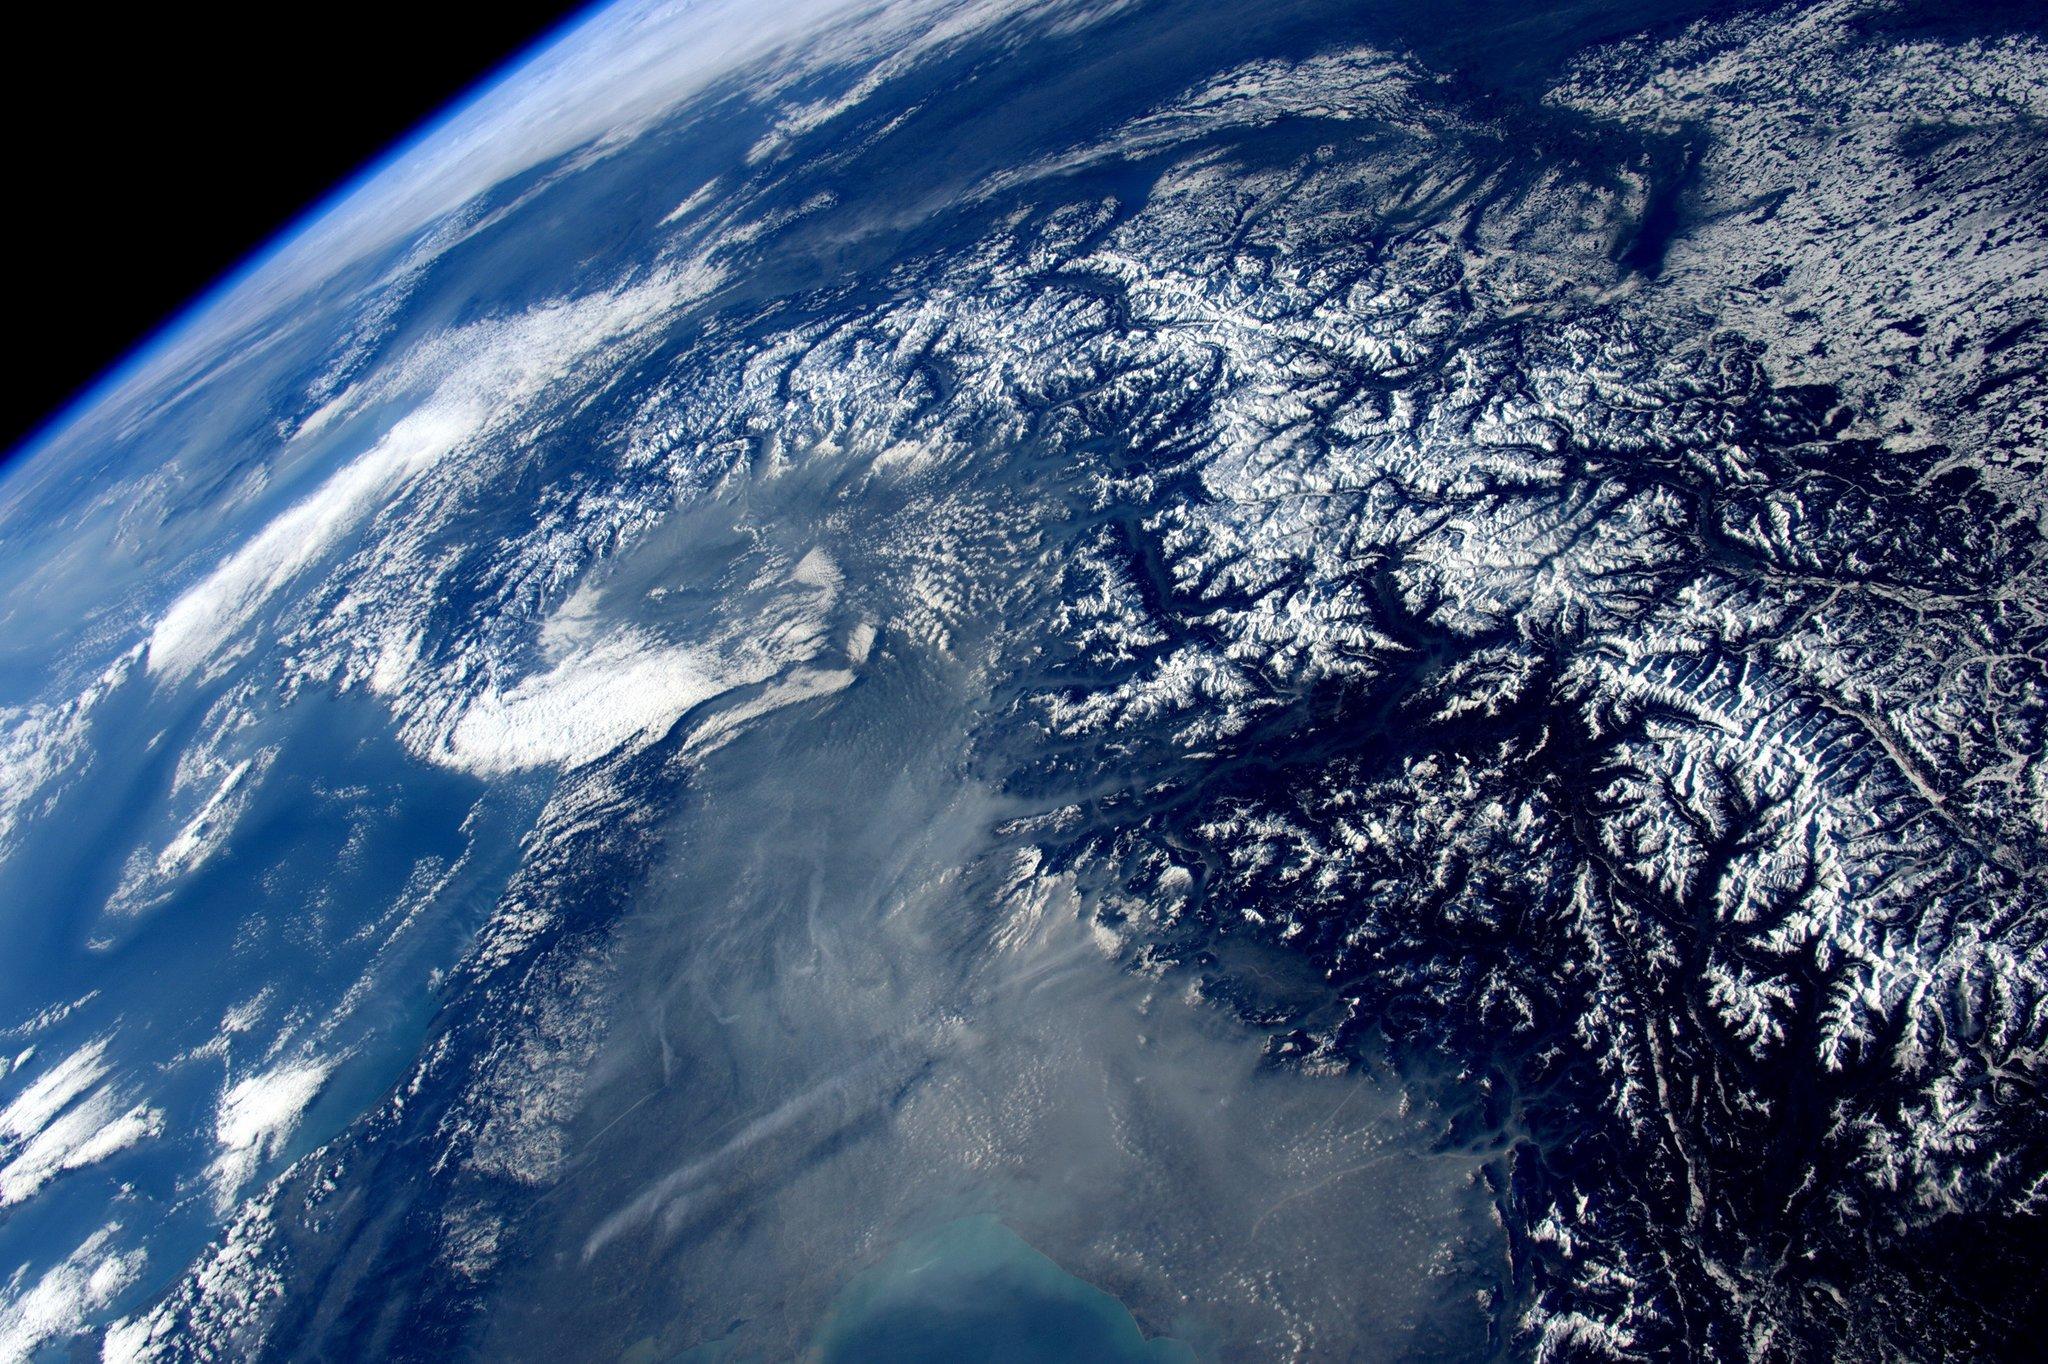 текст снимок земли из космоса картинка сфотографировалась нижнем